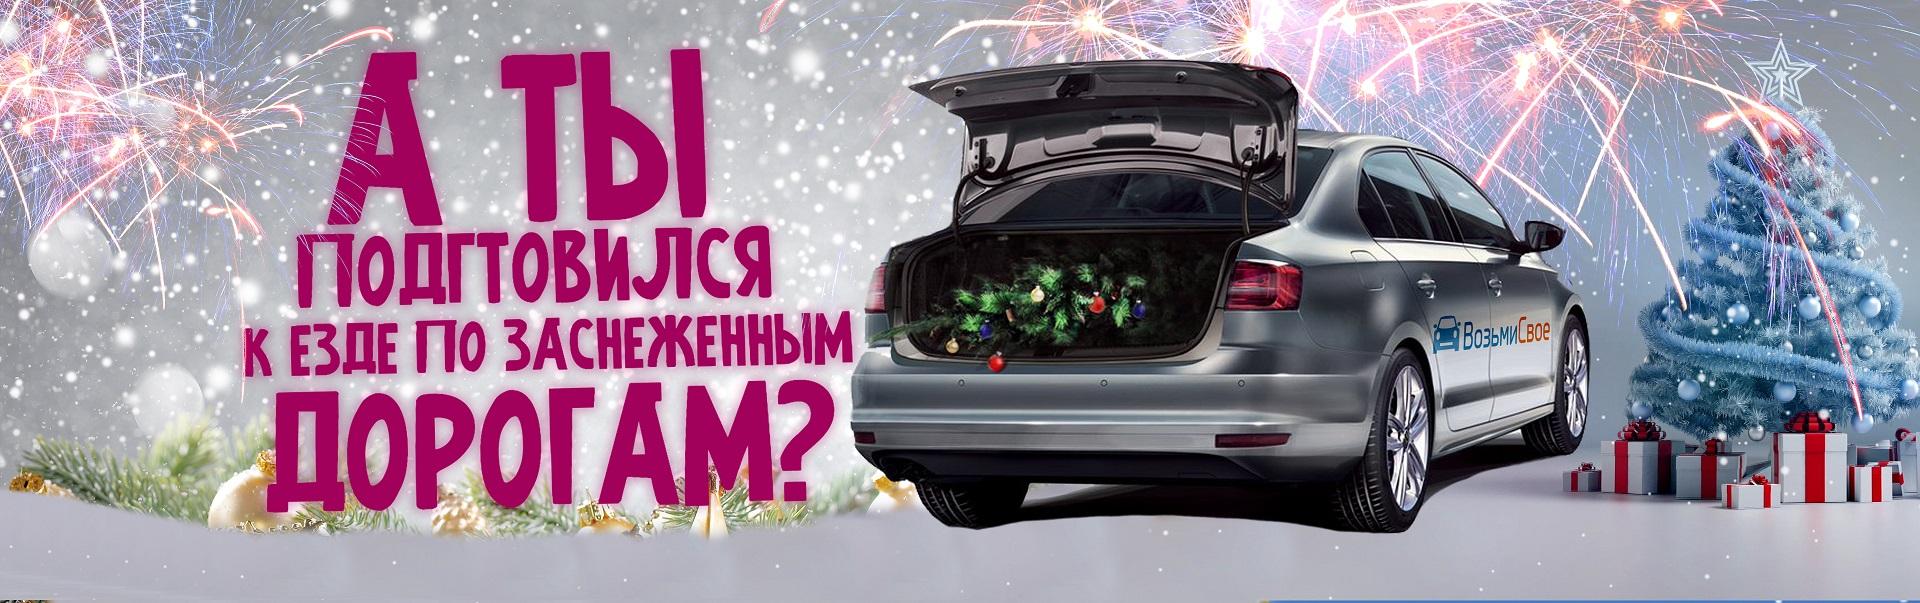 Автомагазин ВозьмиСвое.ру поздравляет своих посетителей с Новогодними и Рождественскими праздниками!